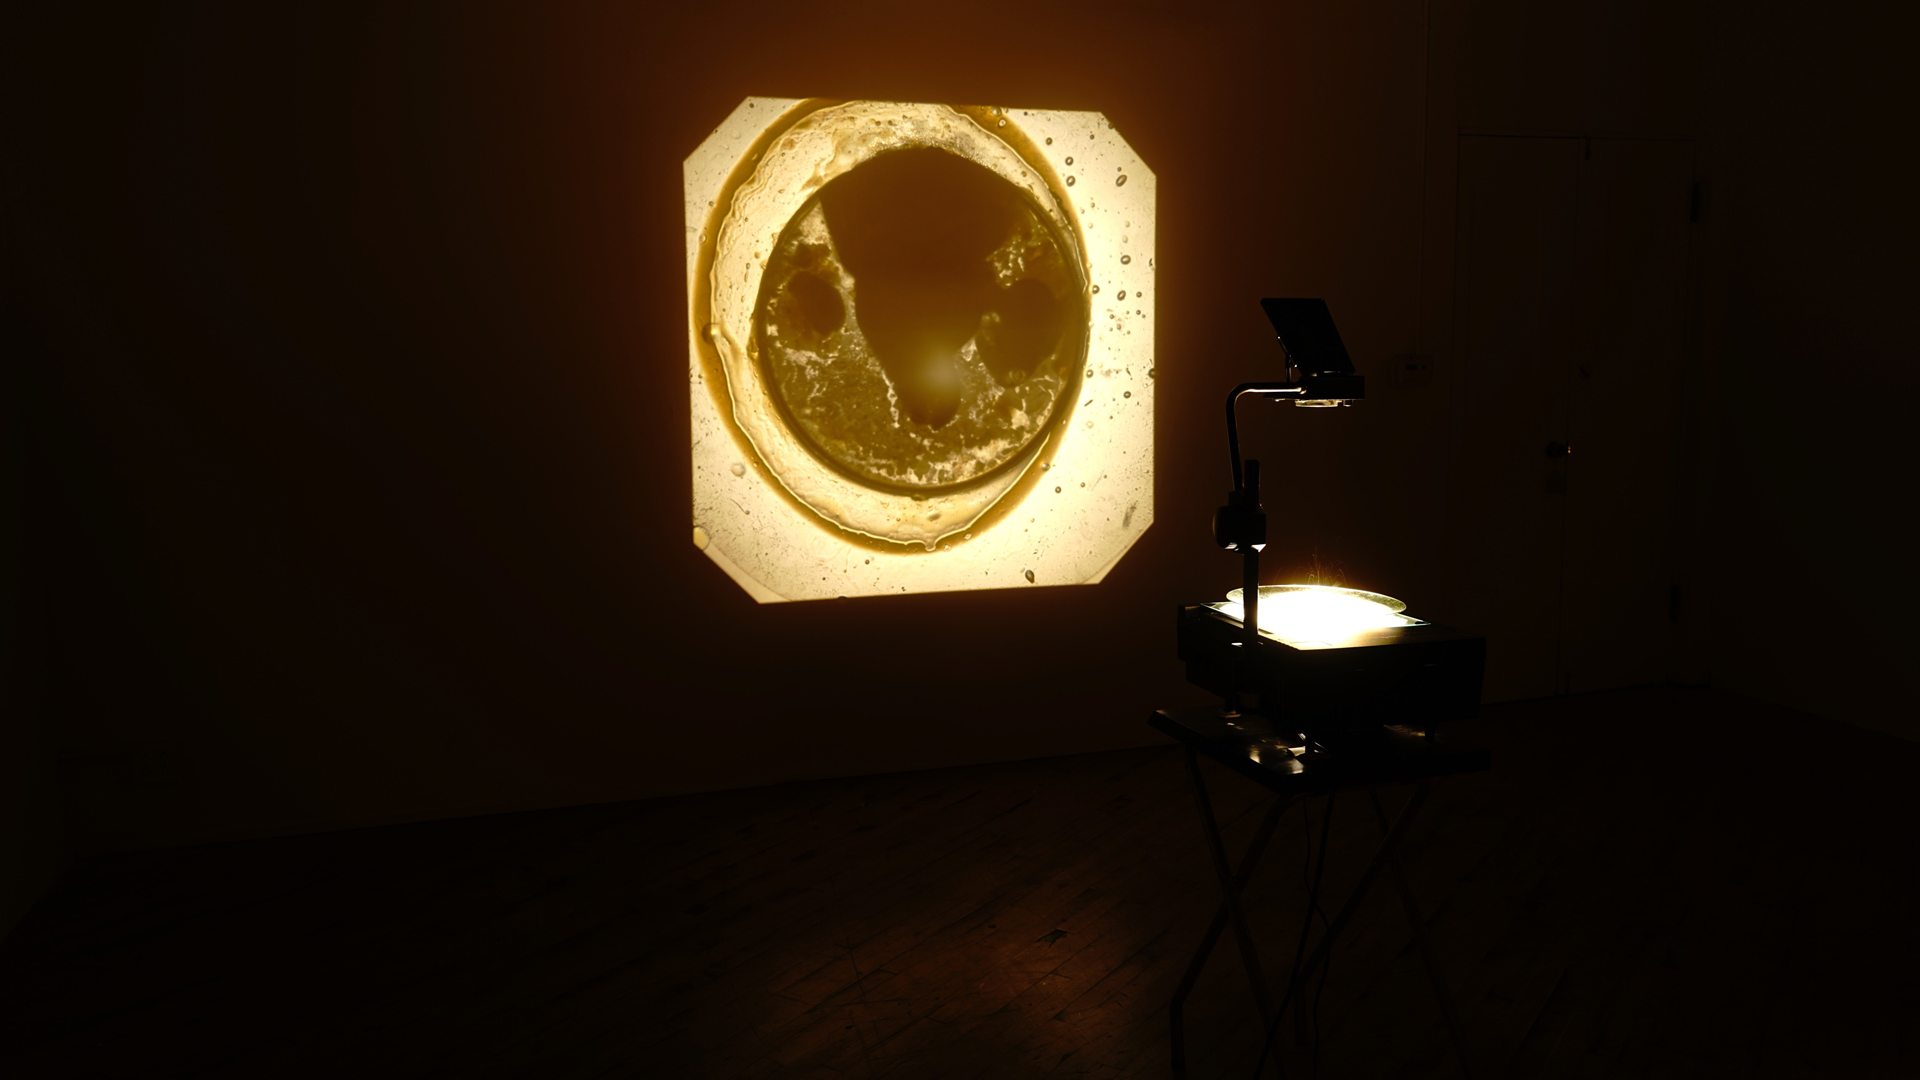 ©ISEA2016: 22nd International Symposium on Electronic Art, Elia Vargas, Crude Illumination